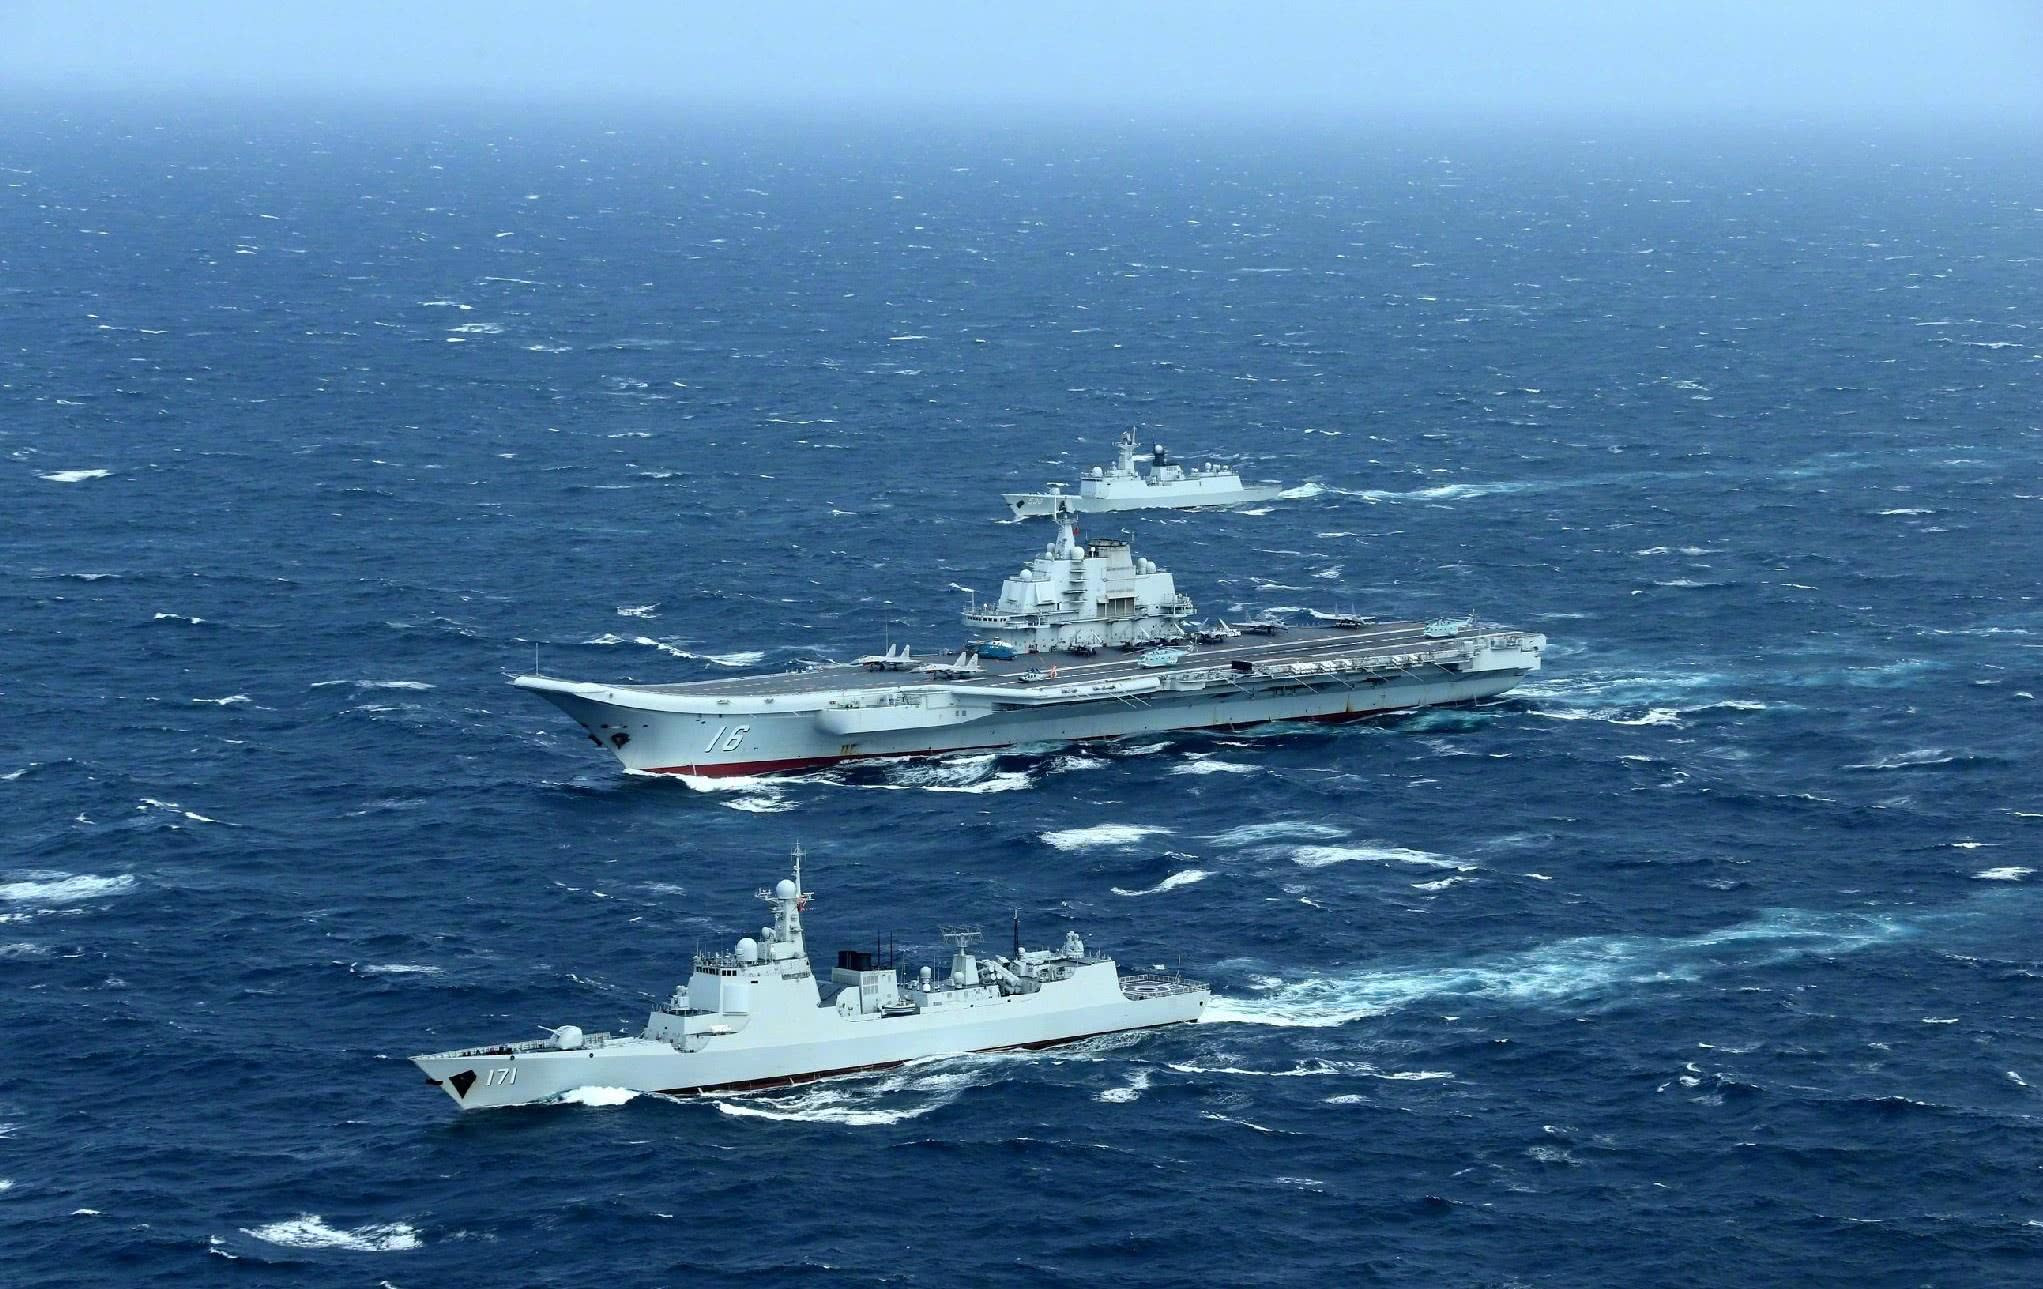 针锋相对!美军航母渡过马六甲海峡,辽宁舰率万吨大驱严阵以待